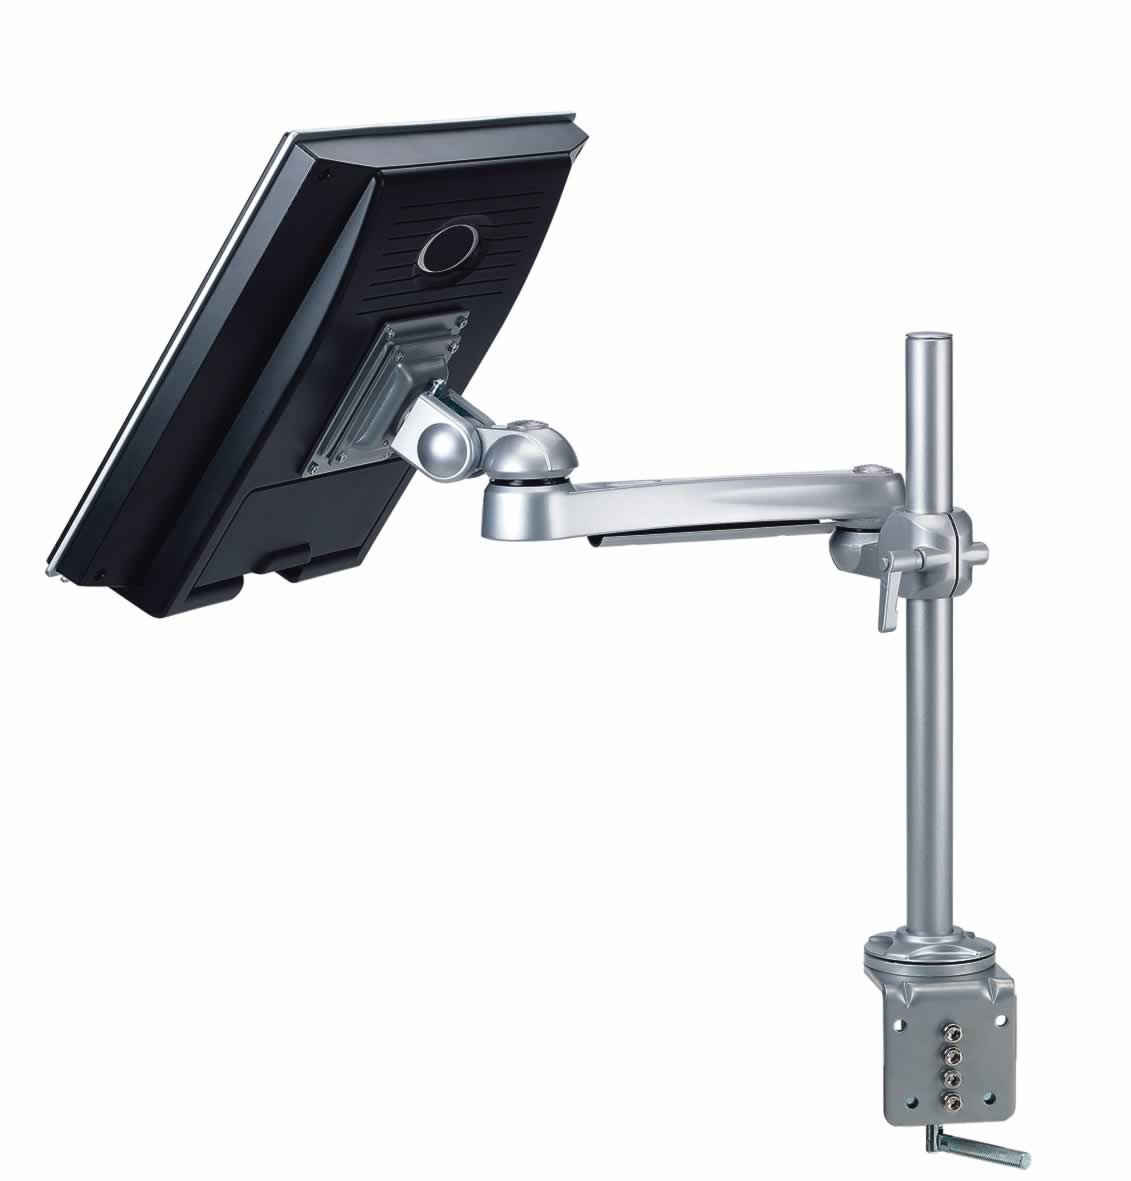 Kit pour bras support d'écran 2 axes évolutif